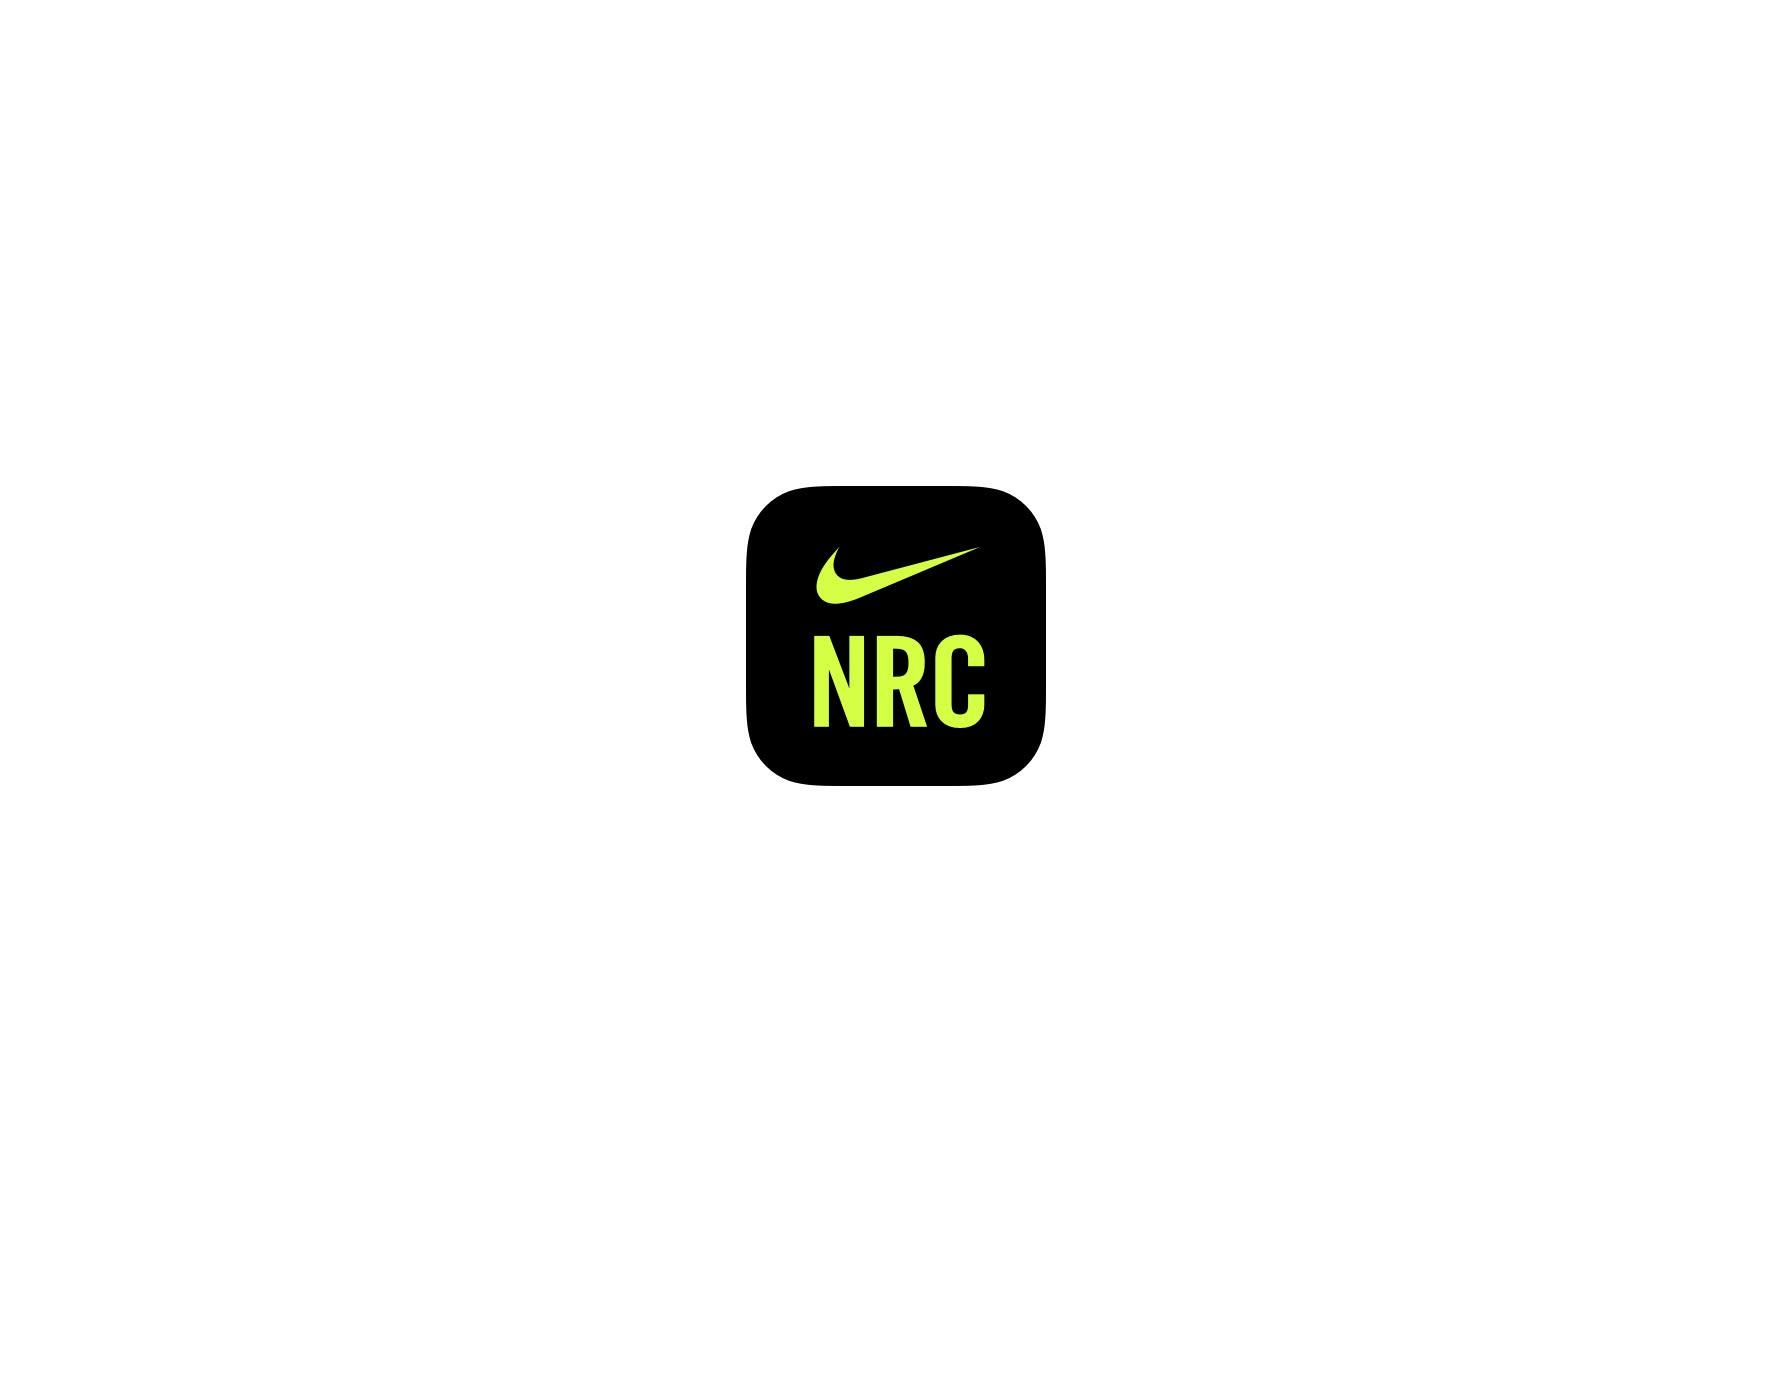 Sitio web oficial de Nike. XL